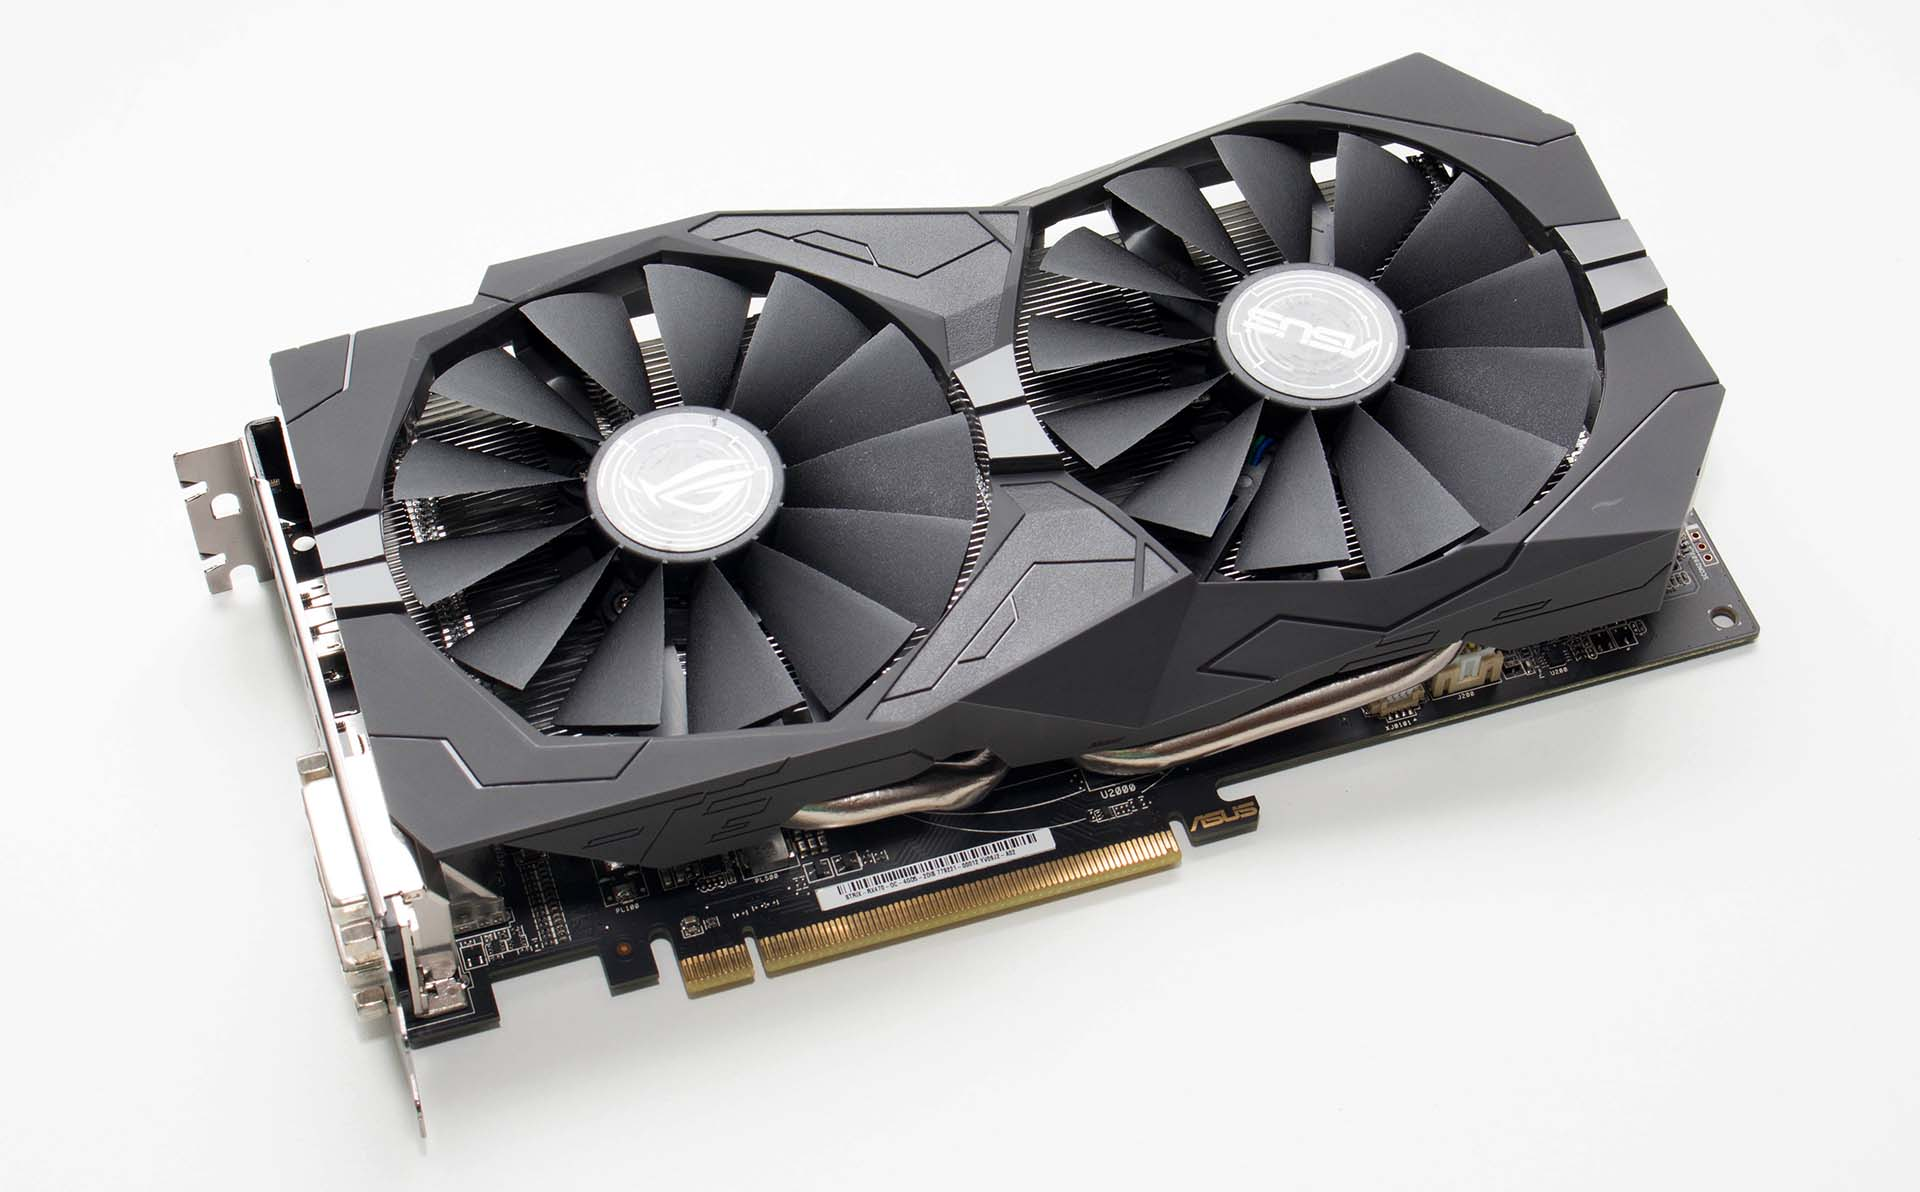 ASUS Radeon RX 470 STRIX OC 4GB test